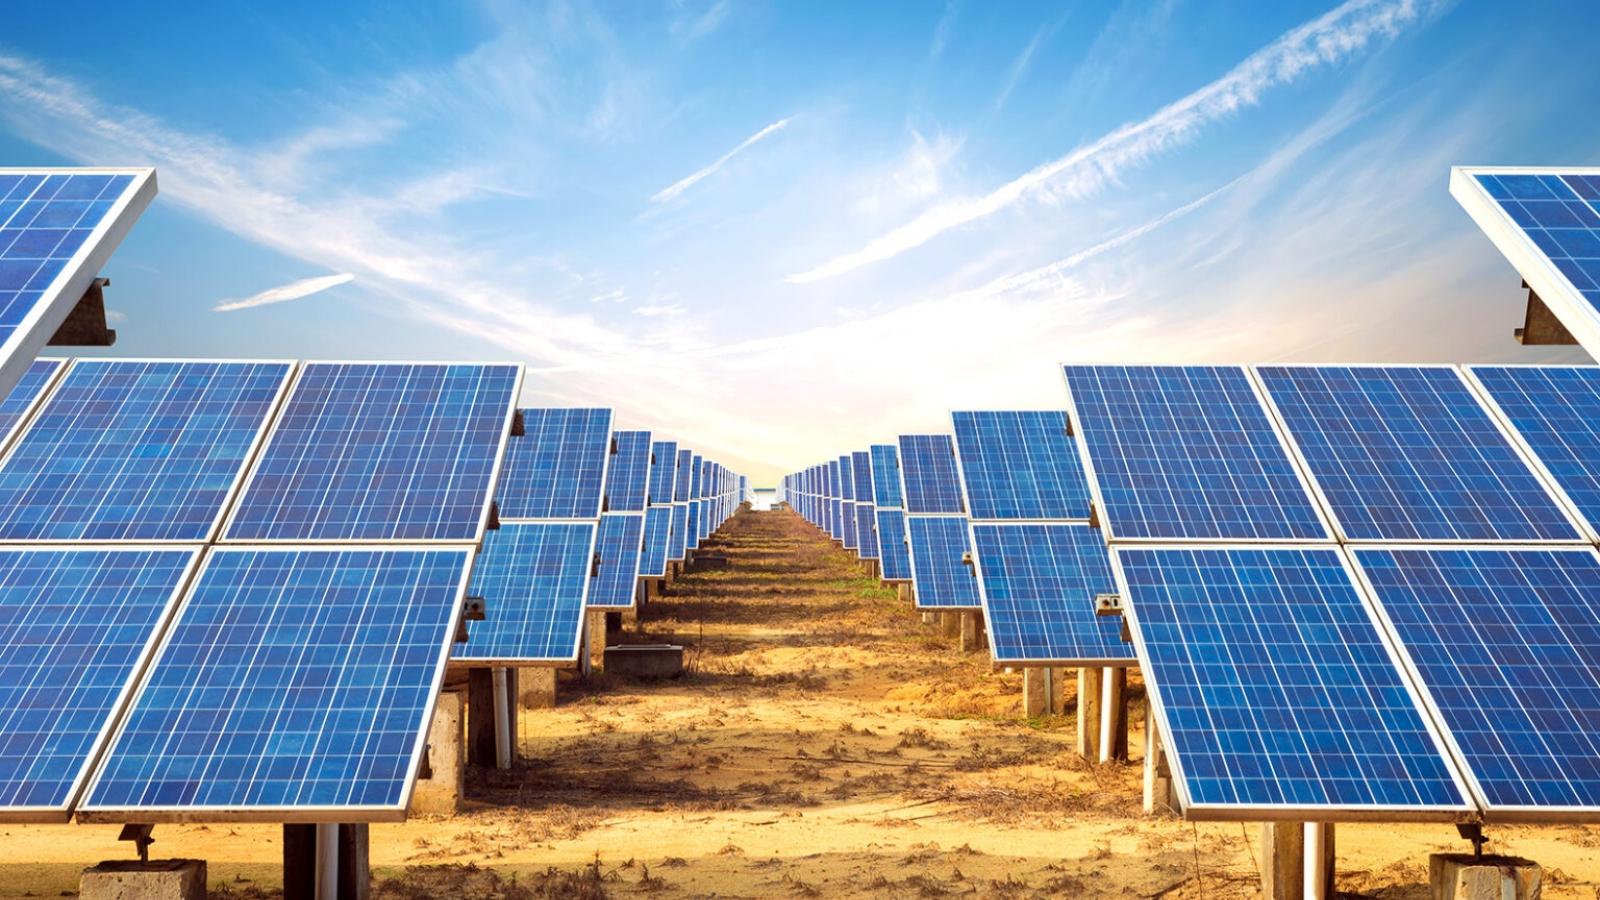 Lào khuyến khích phát triển năng lượng tái tạo